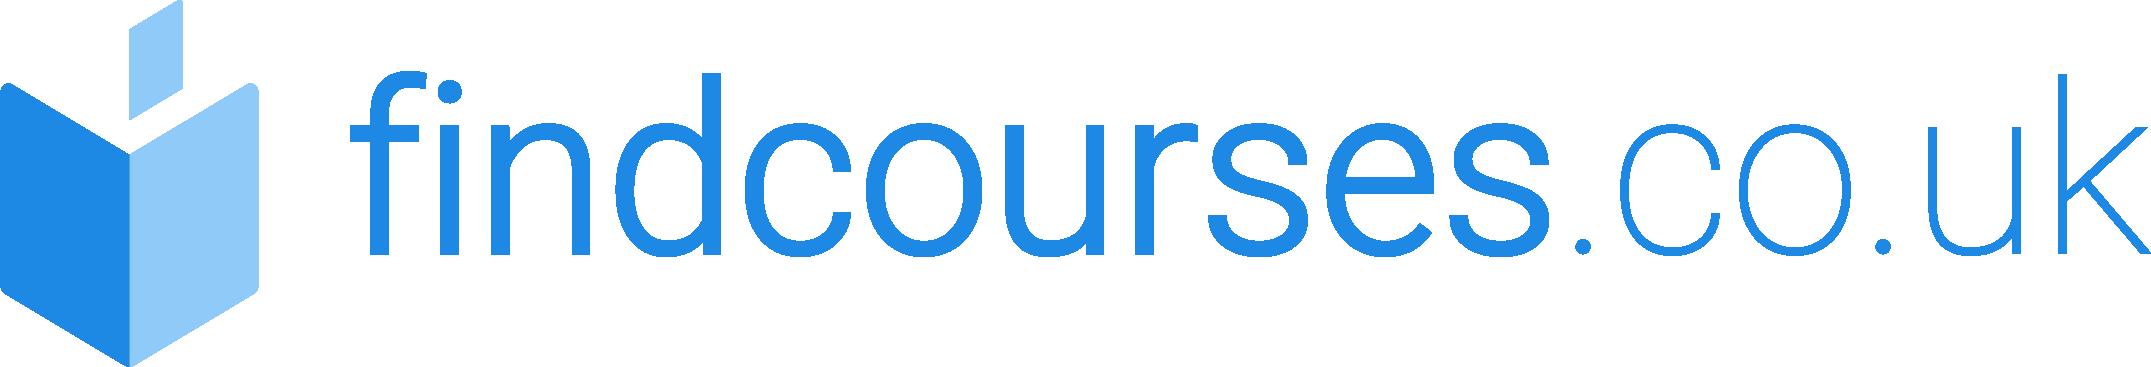 findcourses.co.uk_logo